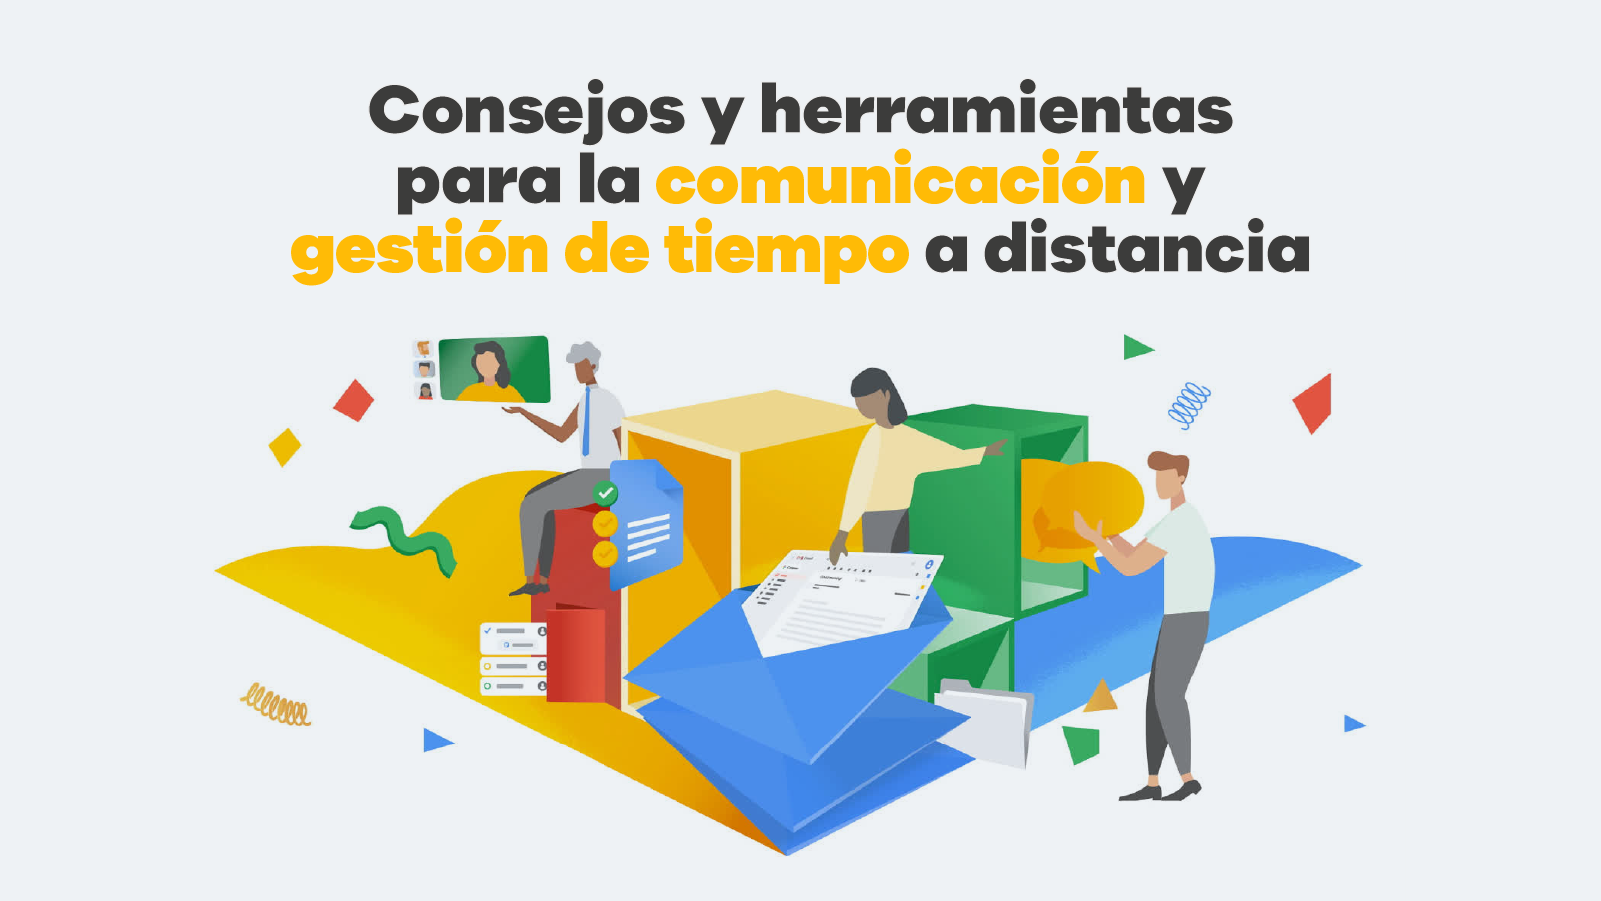 consejos y herramientas para la comunicación y gestión de tiempo a distancia